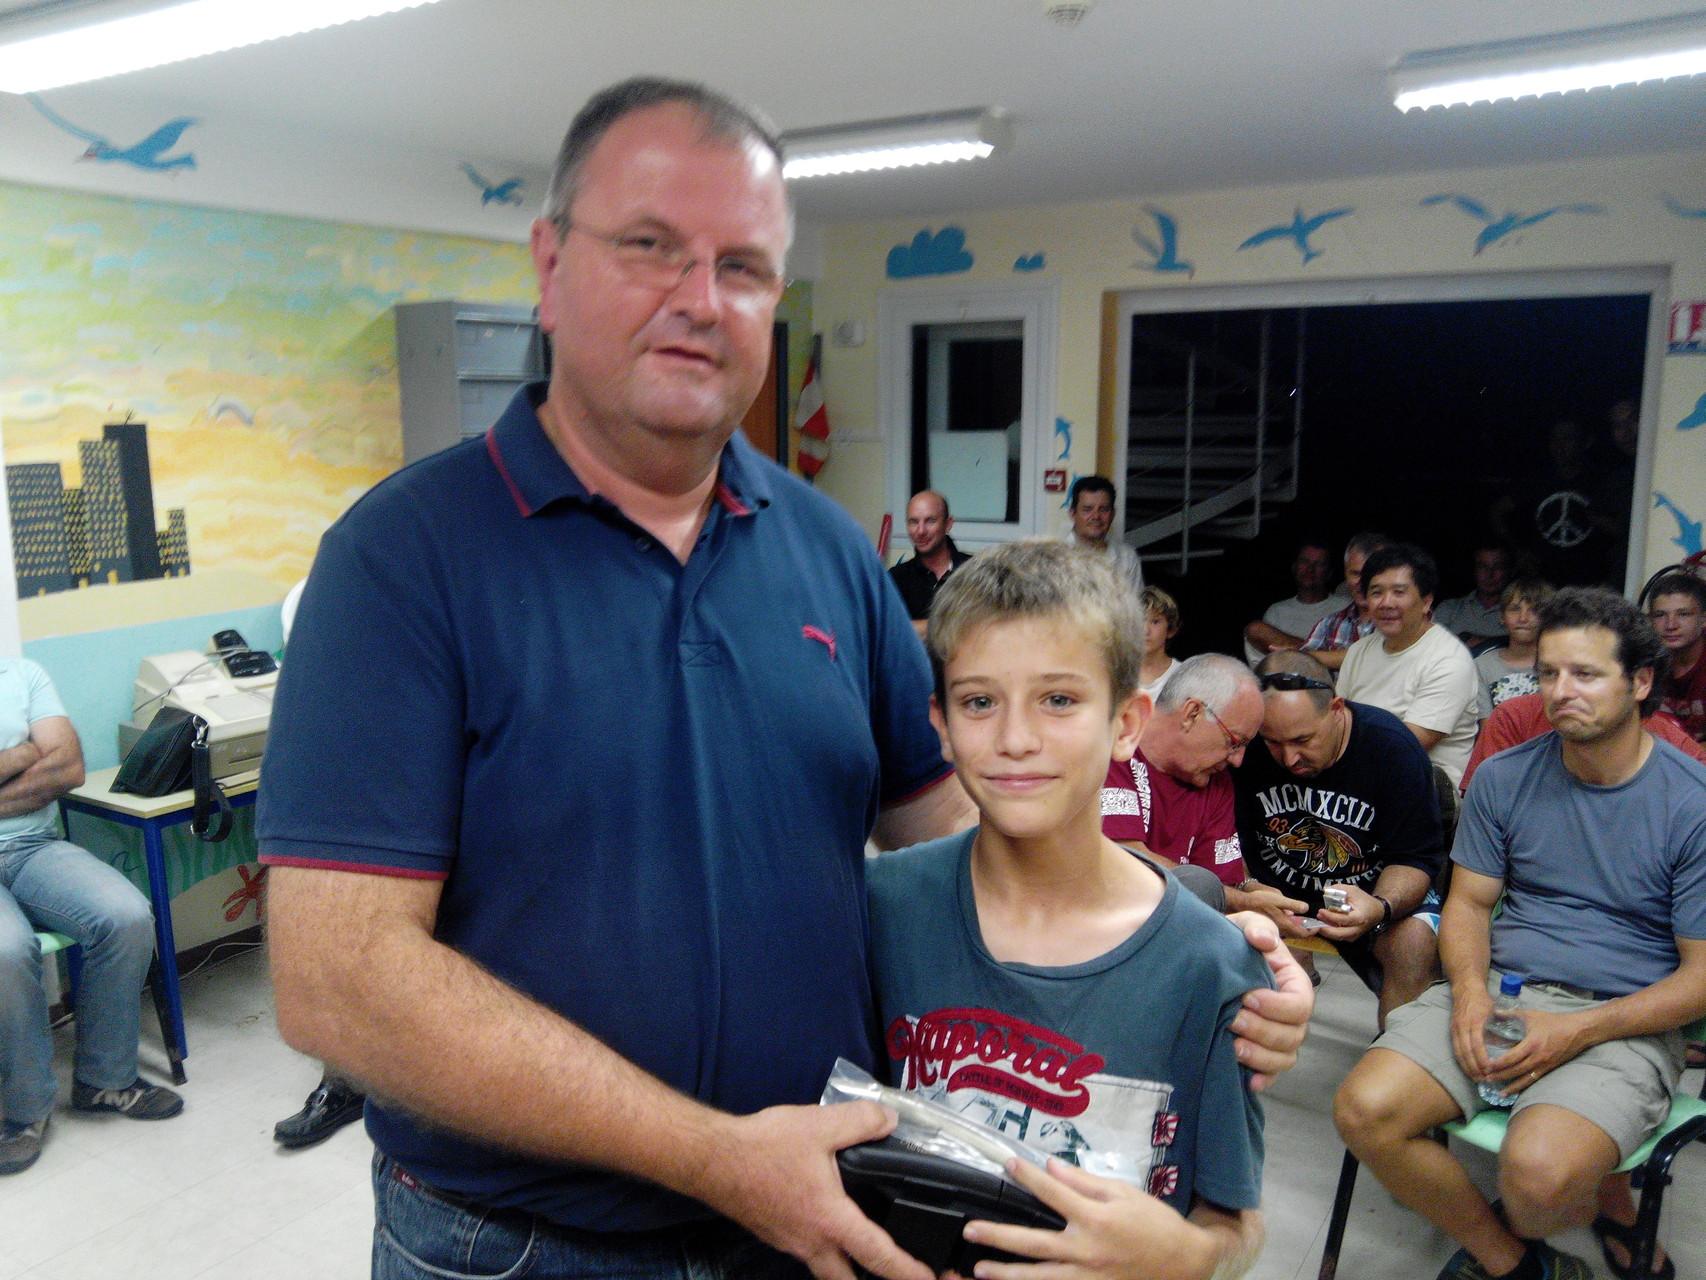 Eliott vainqueur du dernier concours junior de l'année 2014 avec 5 prises (407cm)